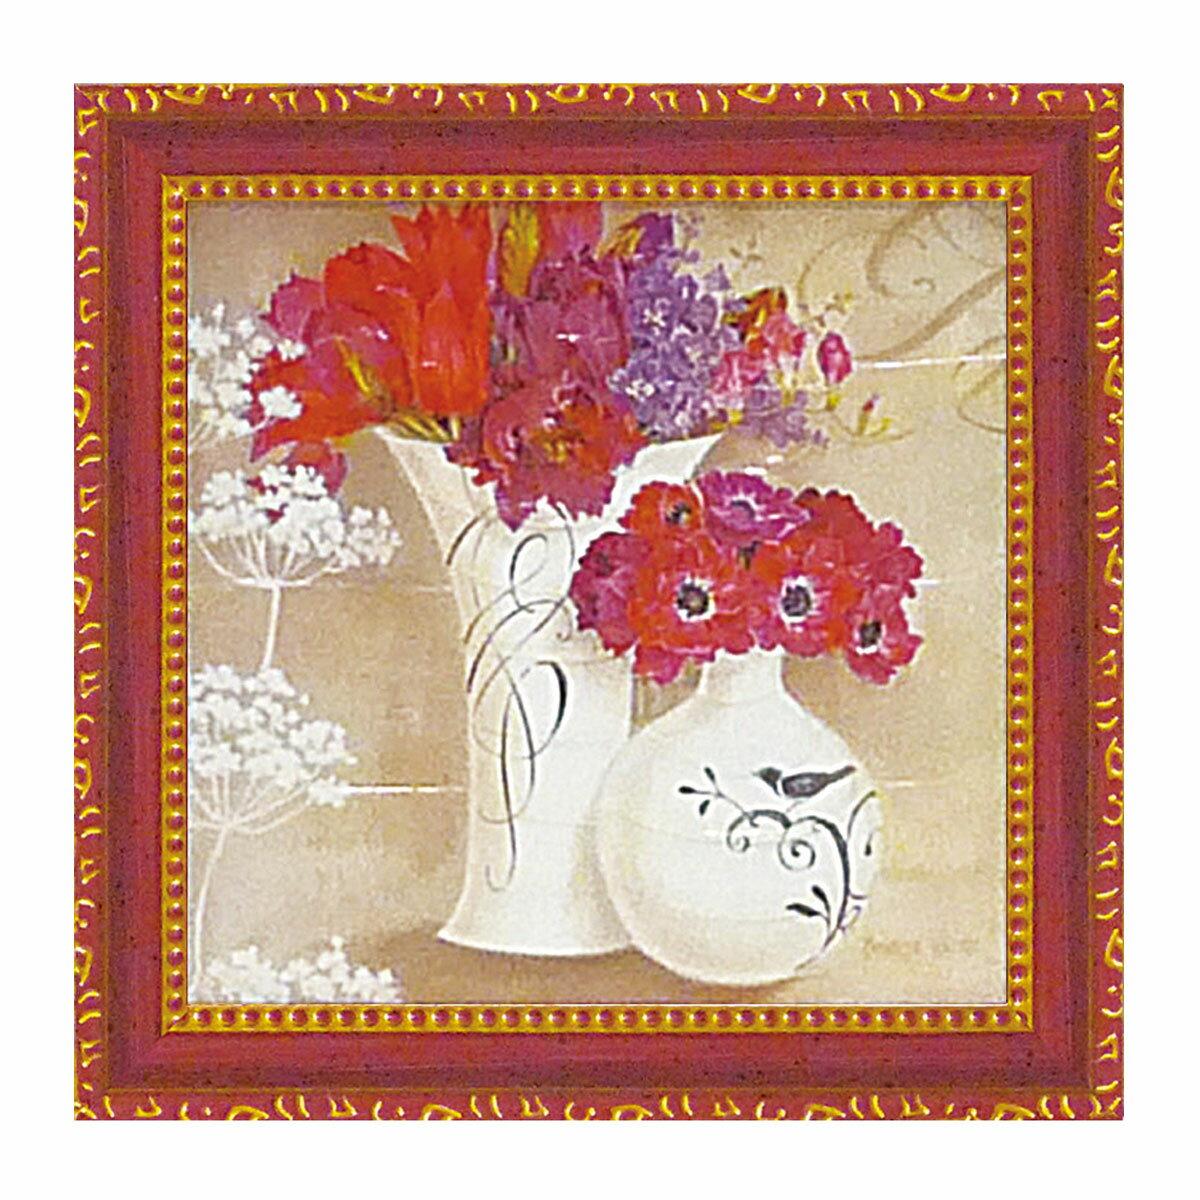 【ポイント10倍】 絵画 絵 花 インテリア 玄関 キャサリンホワイト「花盛り1」 KW-02003